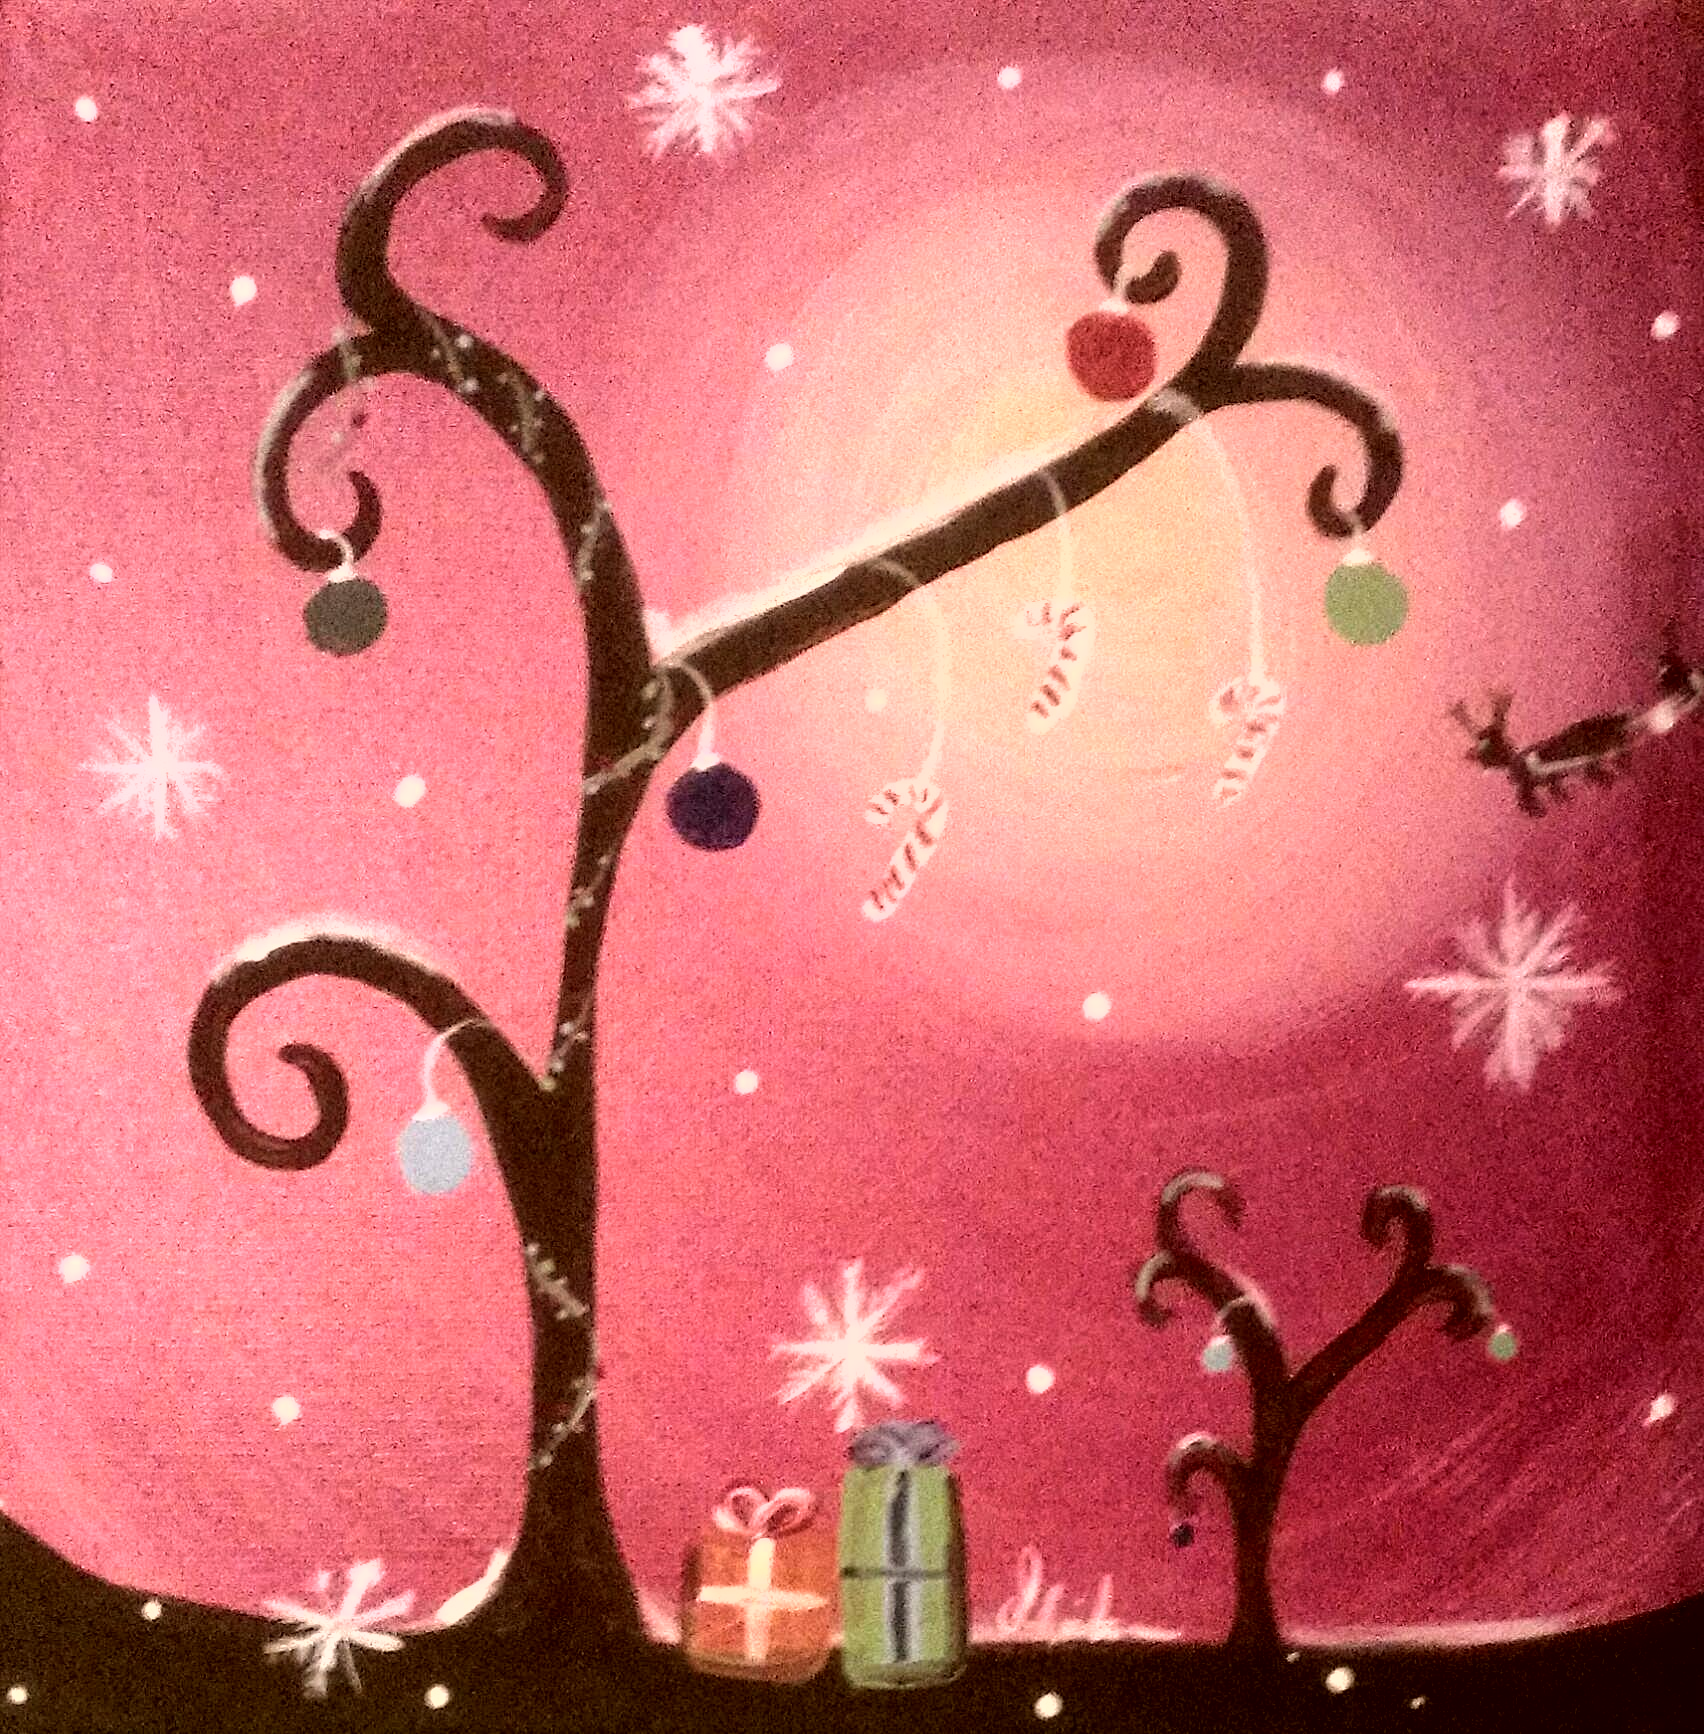 Swirly Christmas Tree.jpg